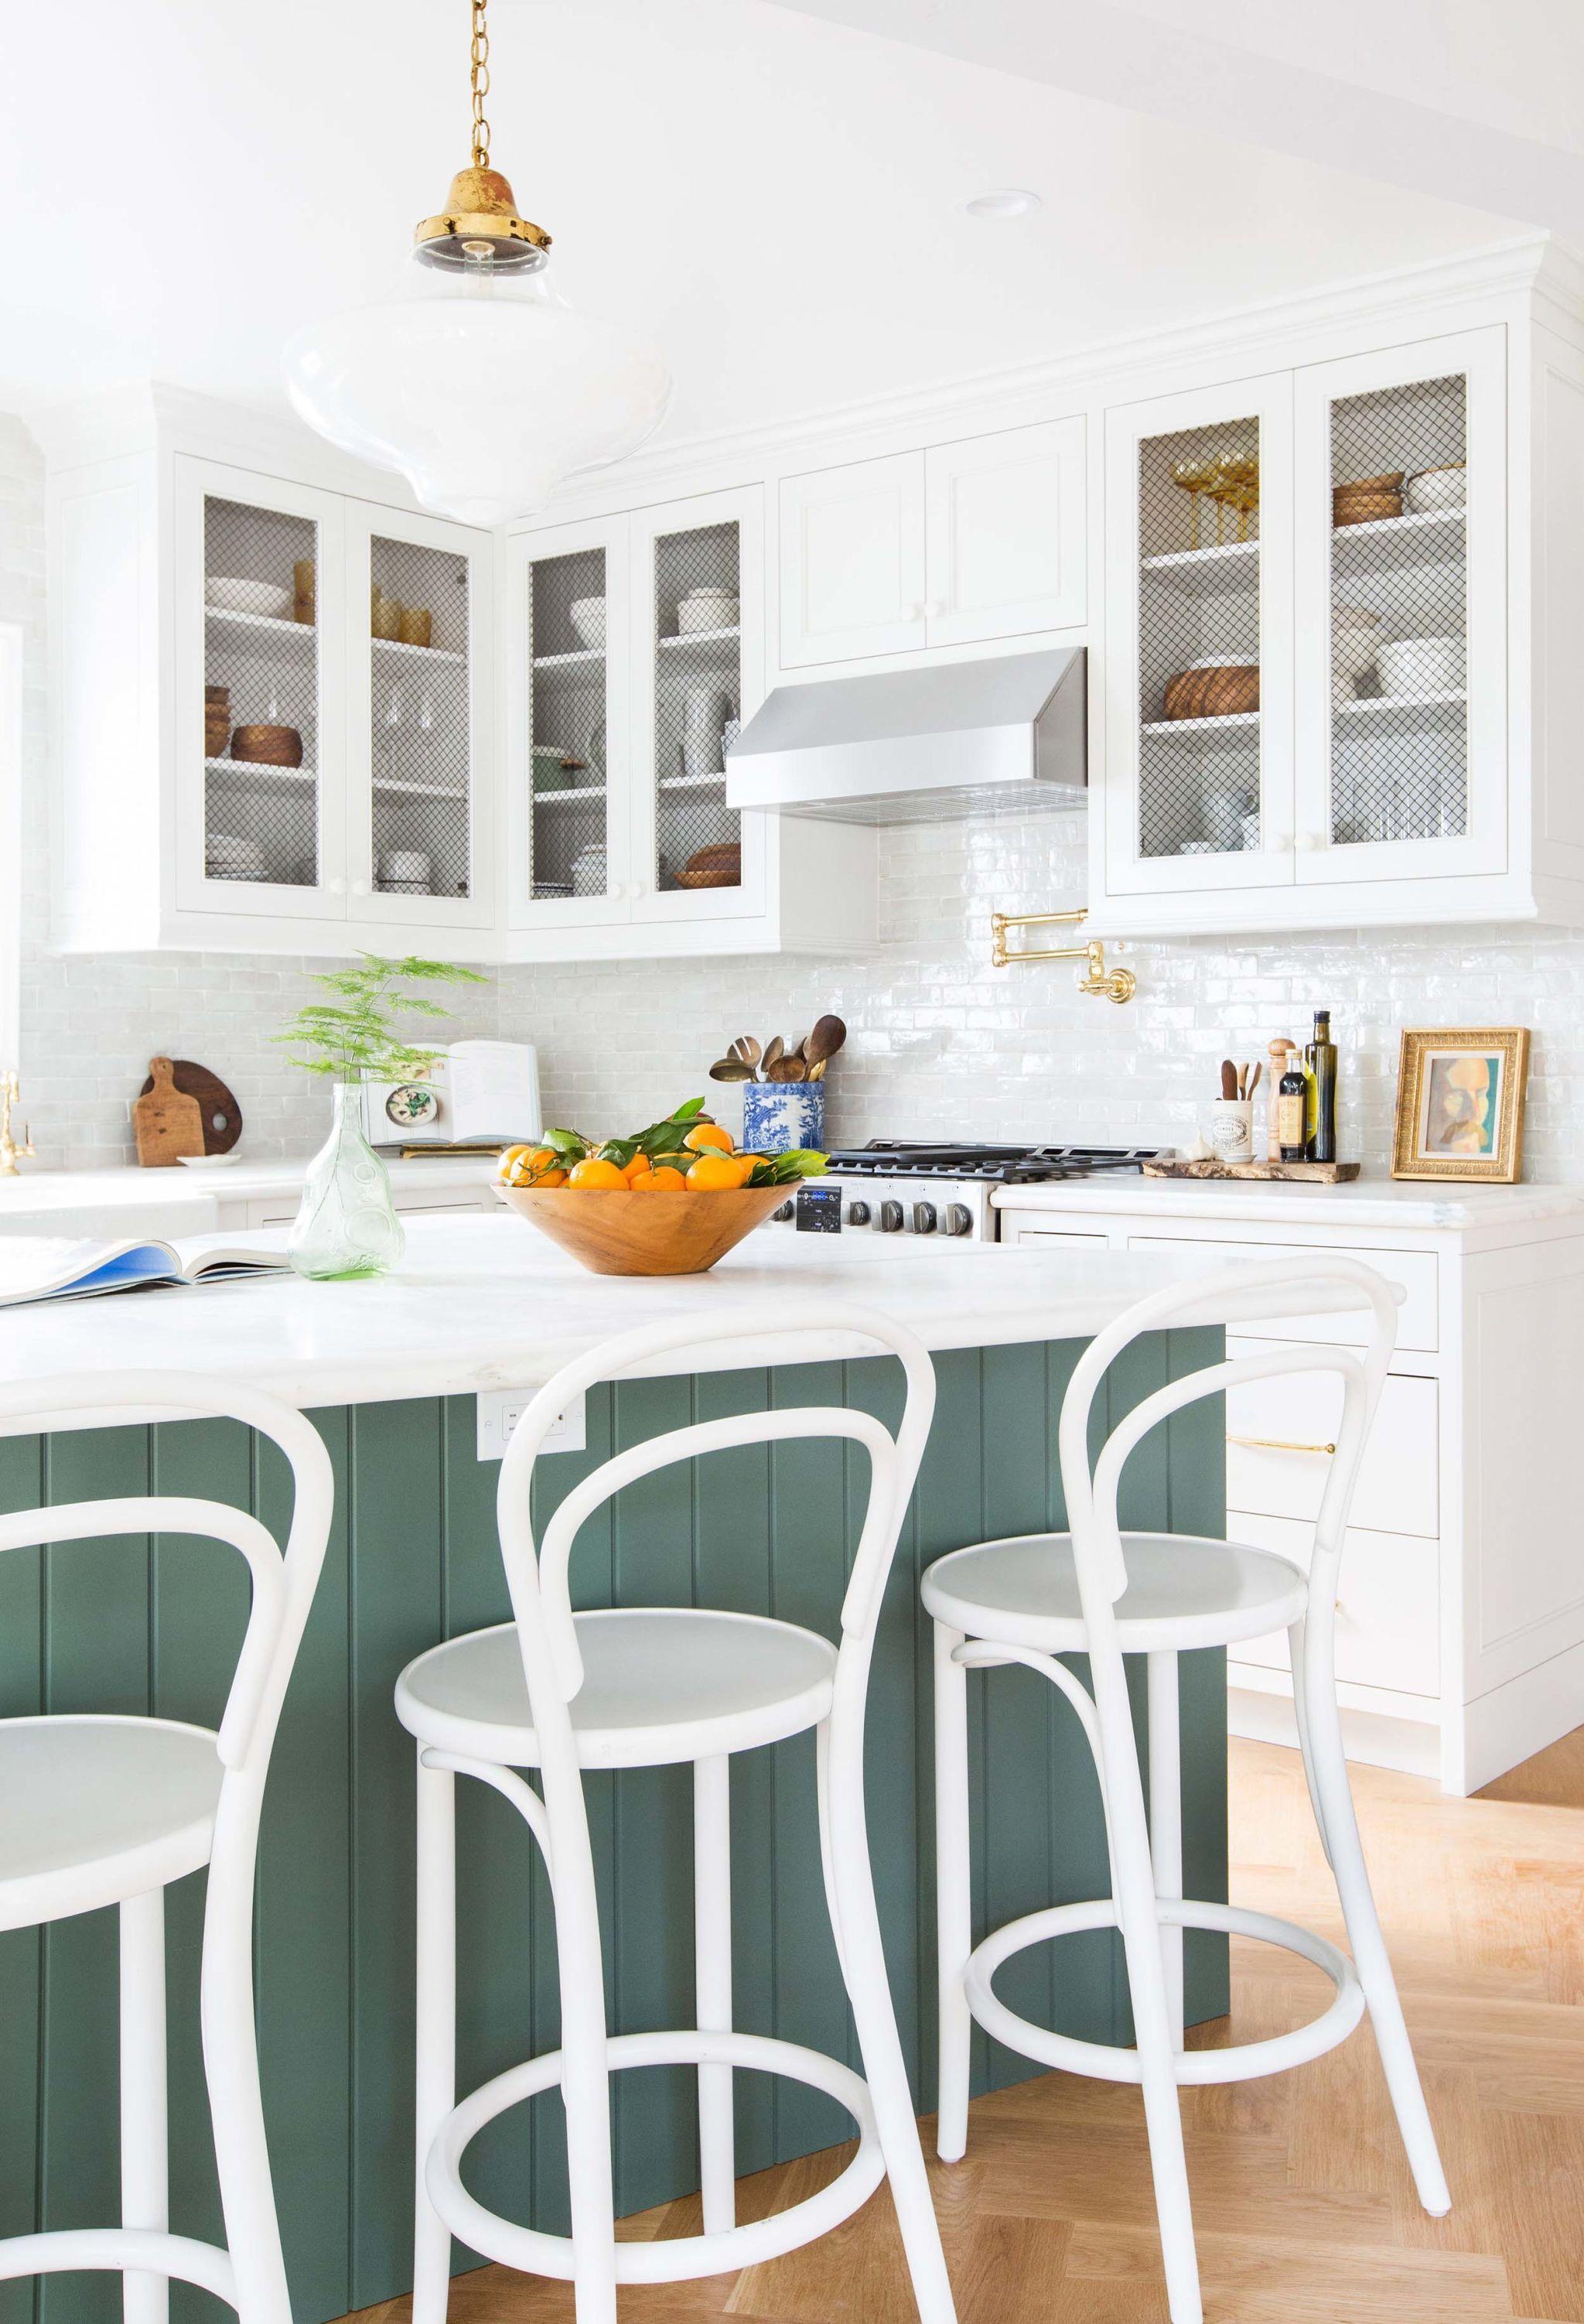 Best Our Modern English Country Kitchen Kitchen Design 640 x 480